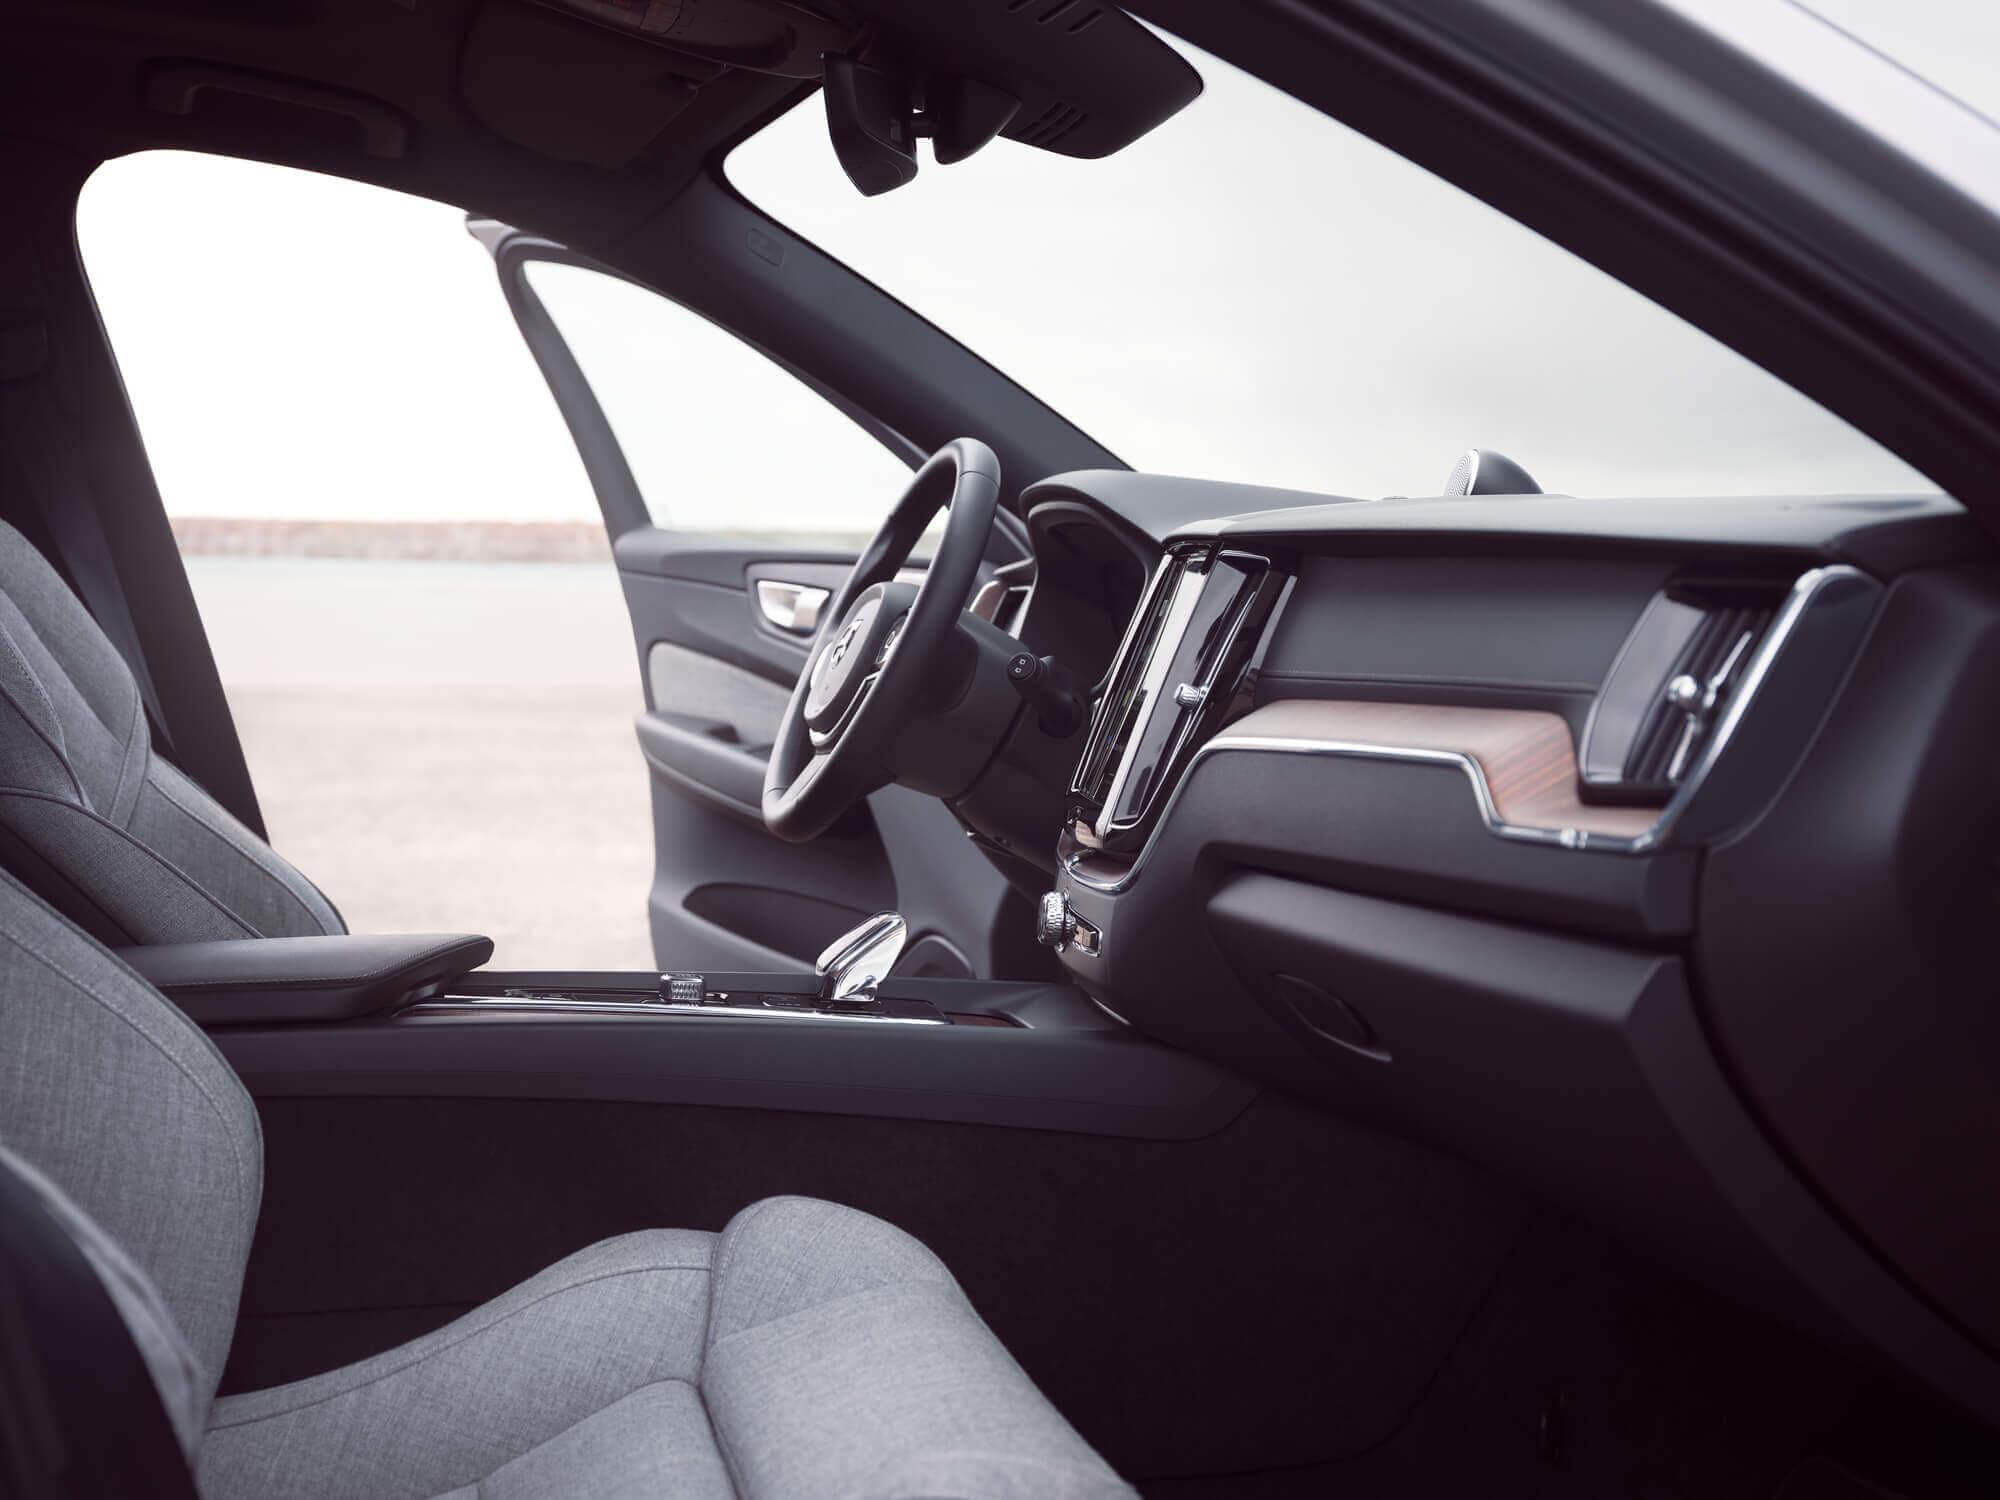 Volvo XC60 interieur voor